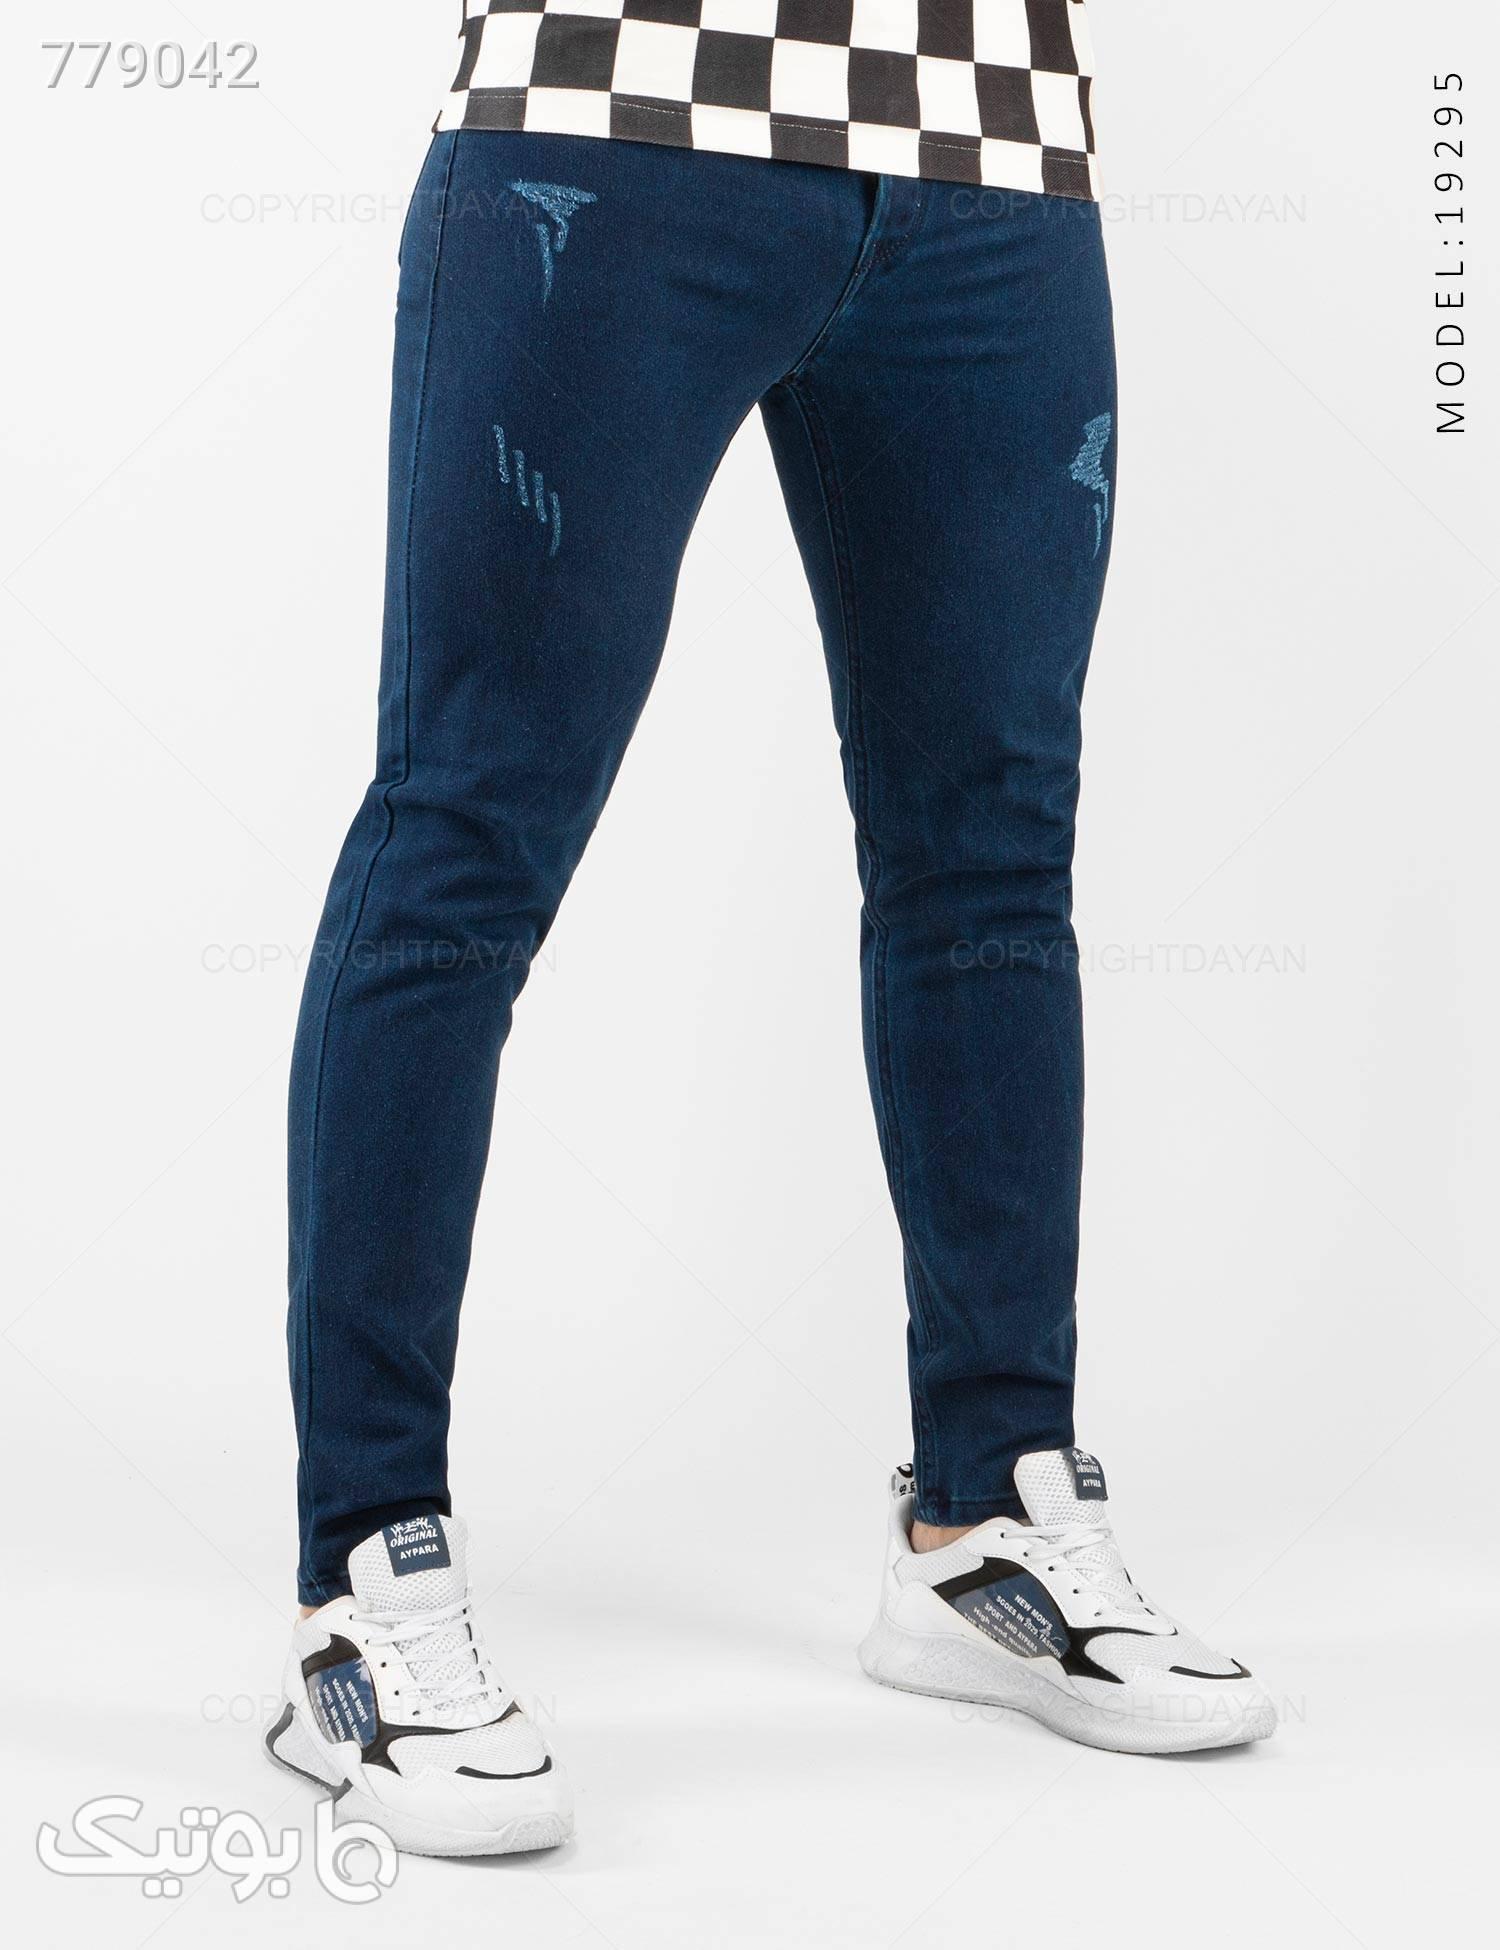 شلوار لی مردانه Mason مدل 19295 سورمه ای شلوار جین مردانه